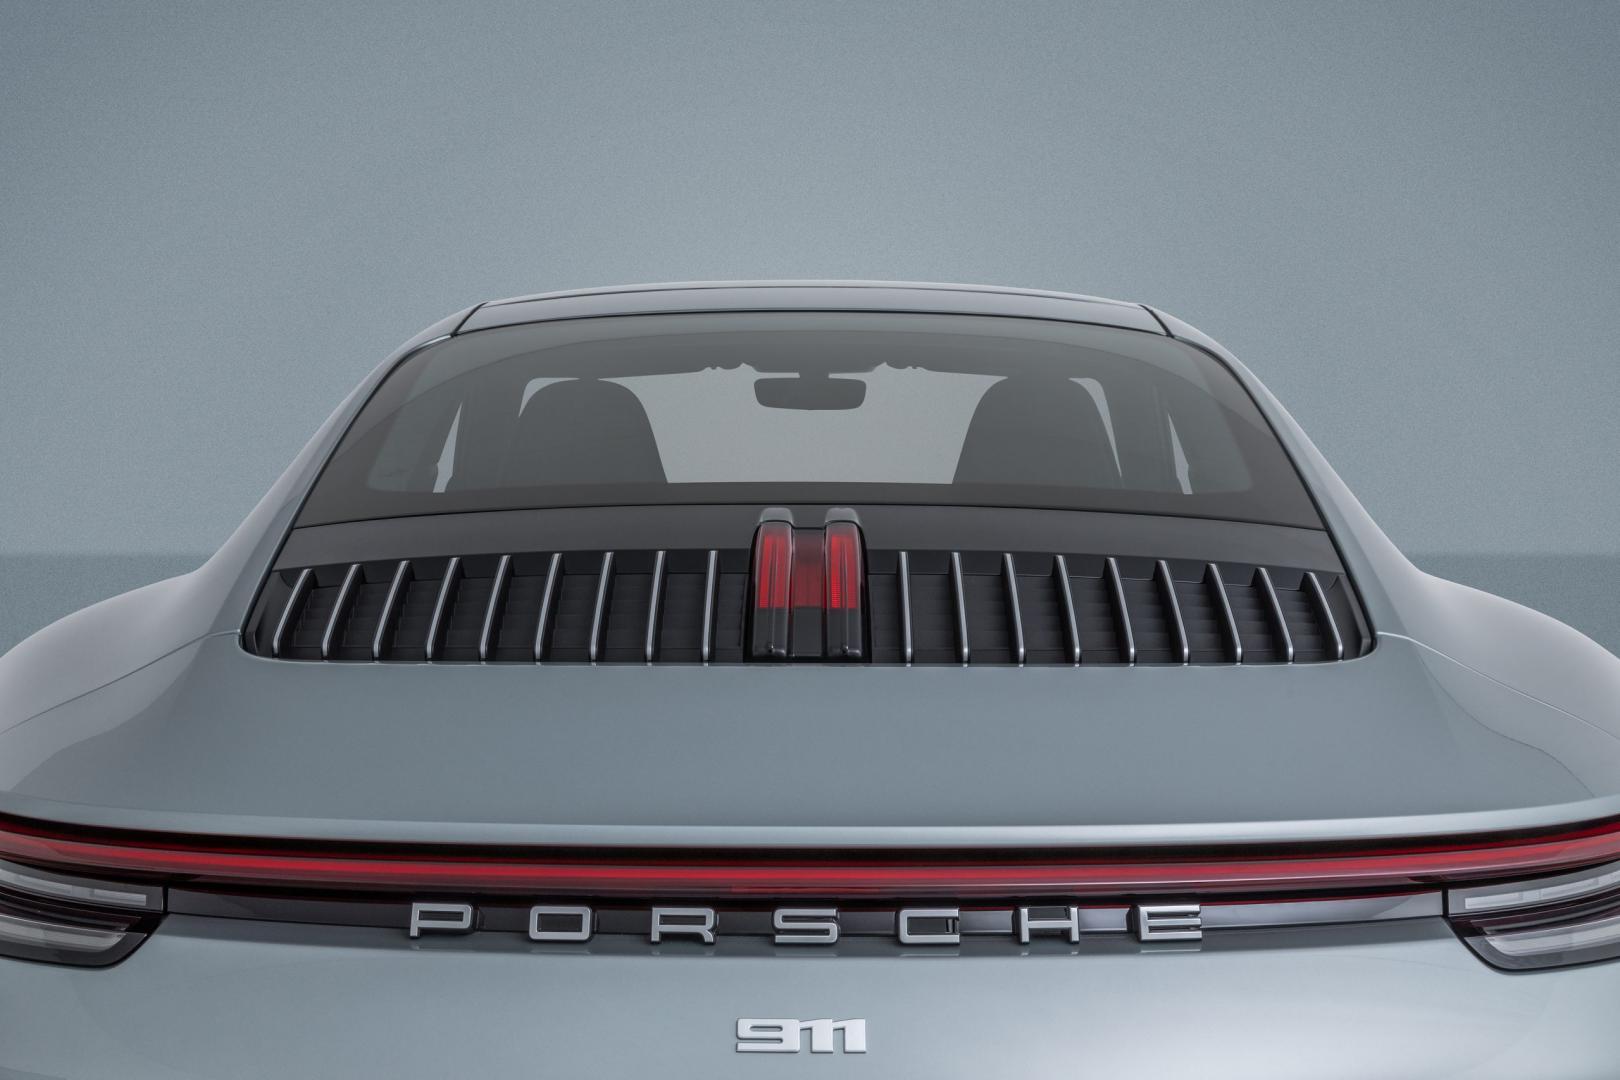 Porsche Carrera 911 4S Ben Pon jr achter dichtbij